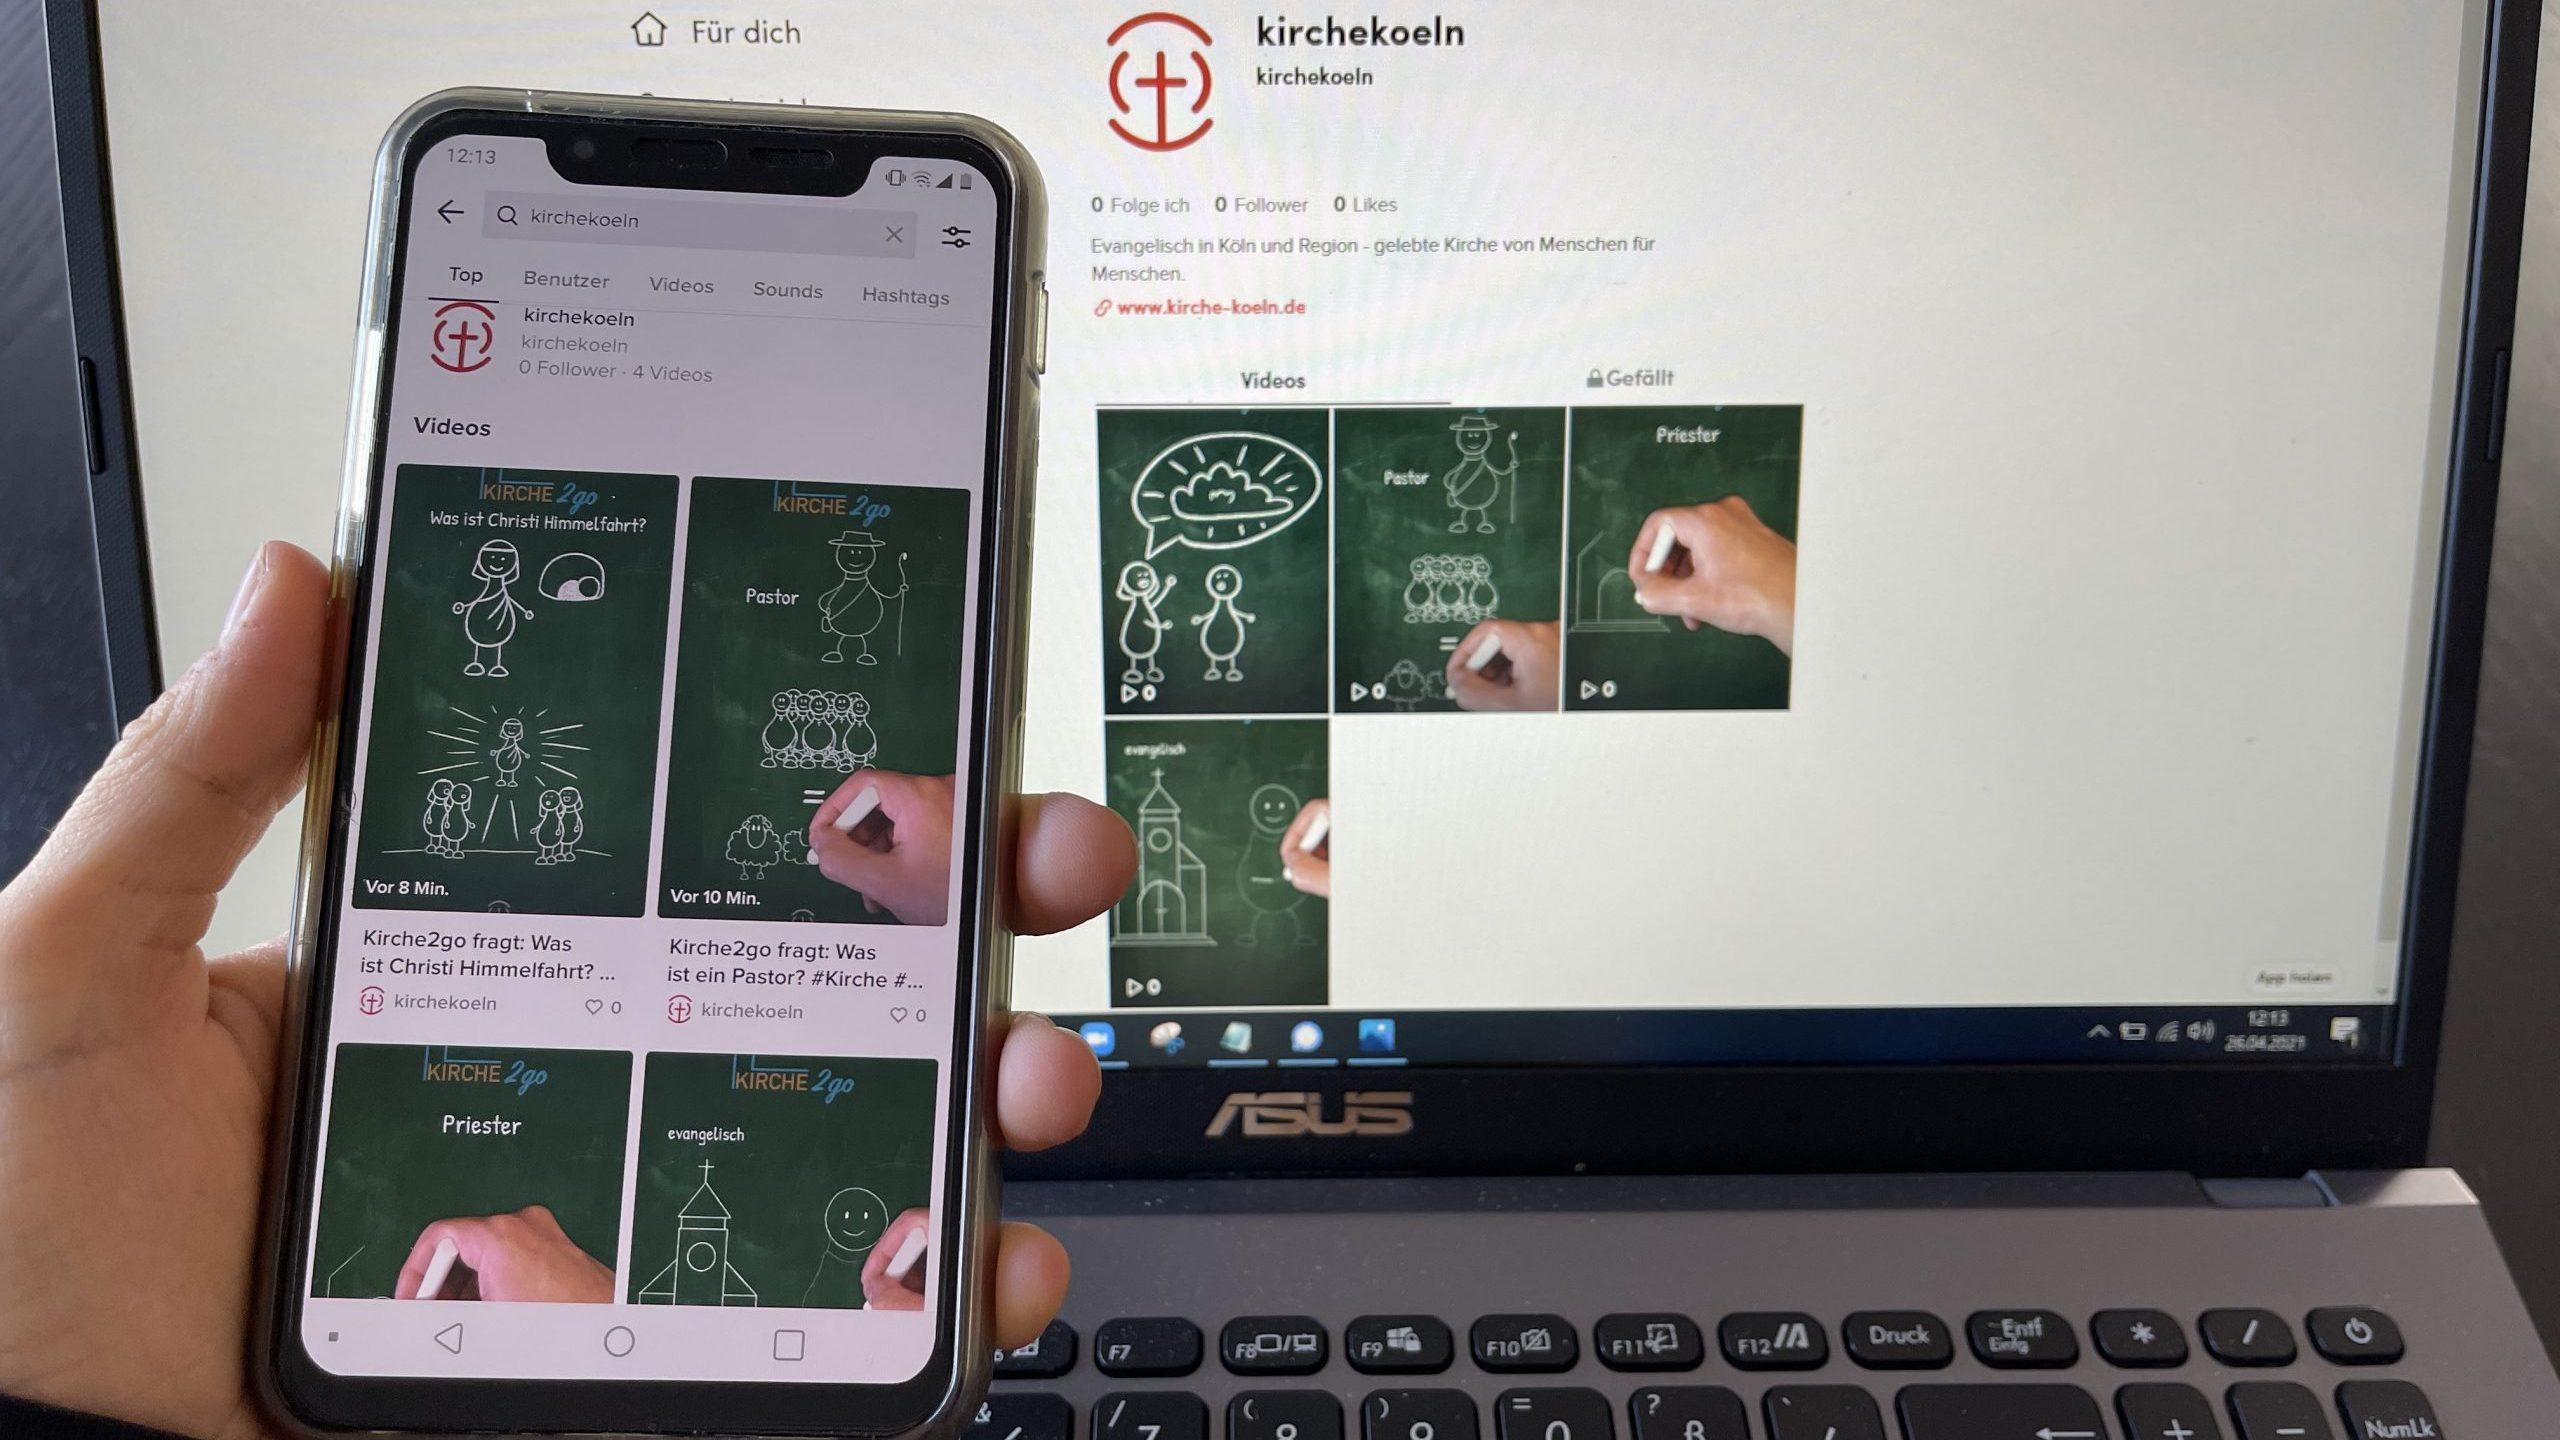 Kirche2go goes Tiktok – Evangelische Kirchenverband Köln und Region mit neuem Angebot